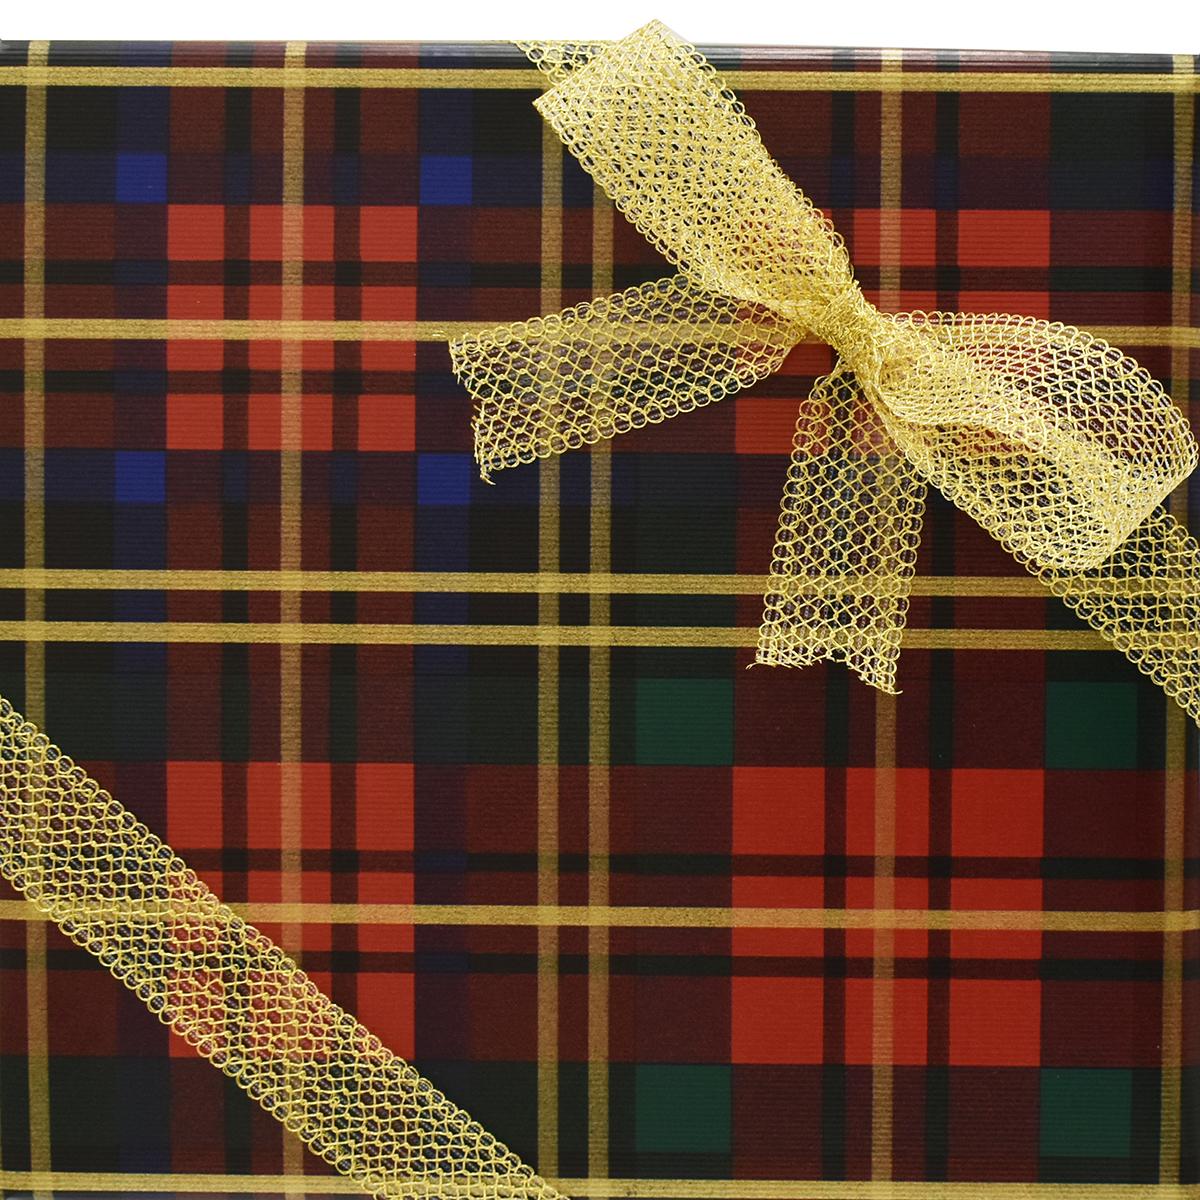 Wrap Jewel Tone Plaid